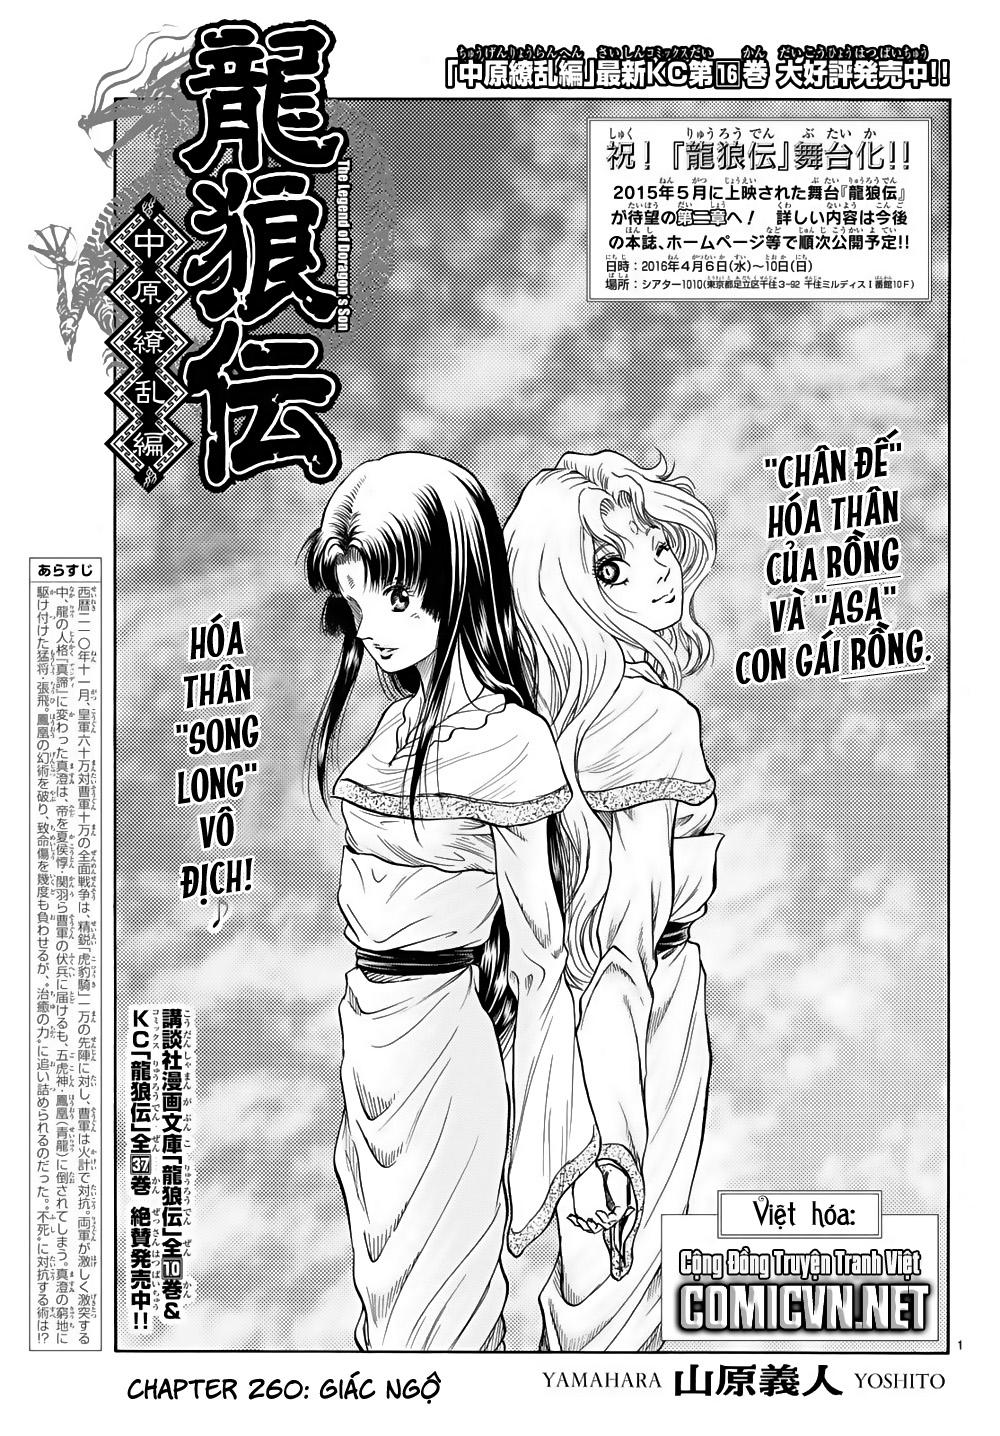 Chú Bé Rồng - Ryuuroden chap 260 - Trang 1